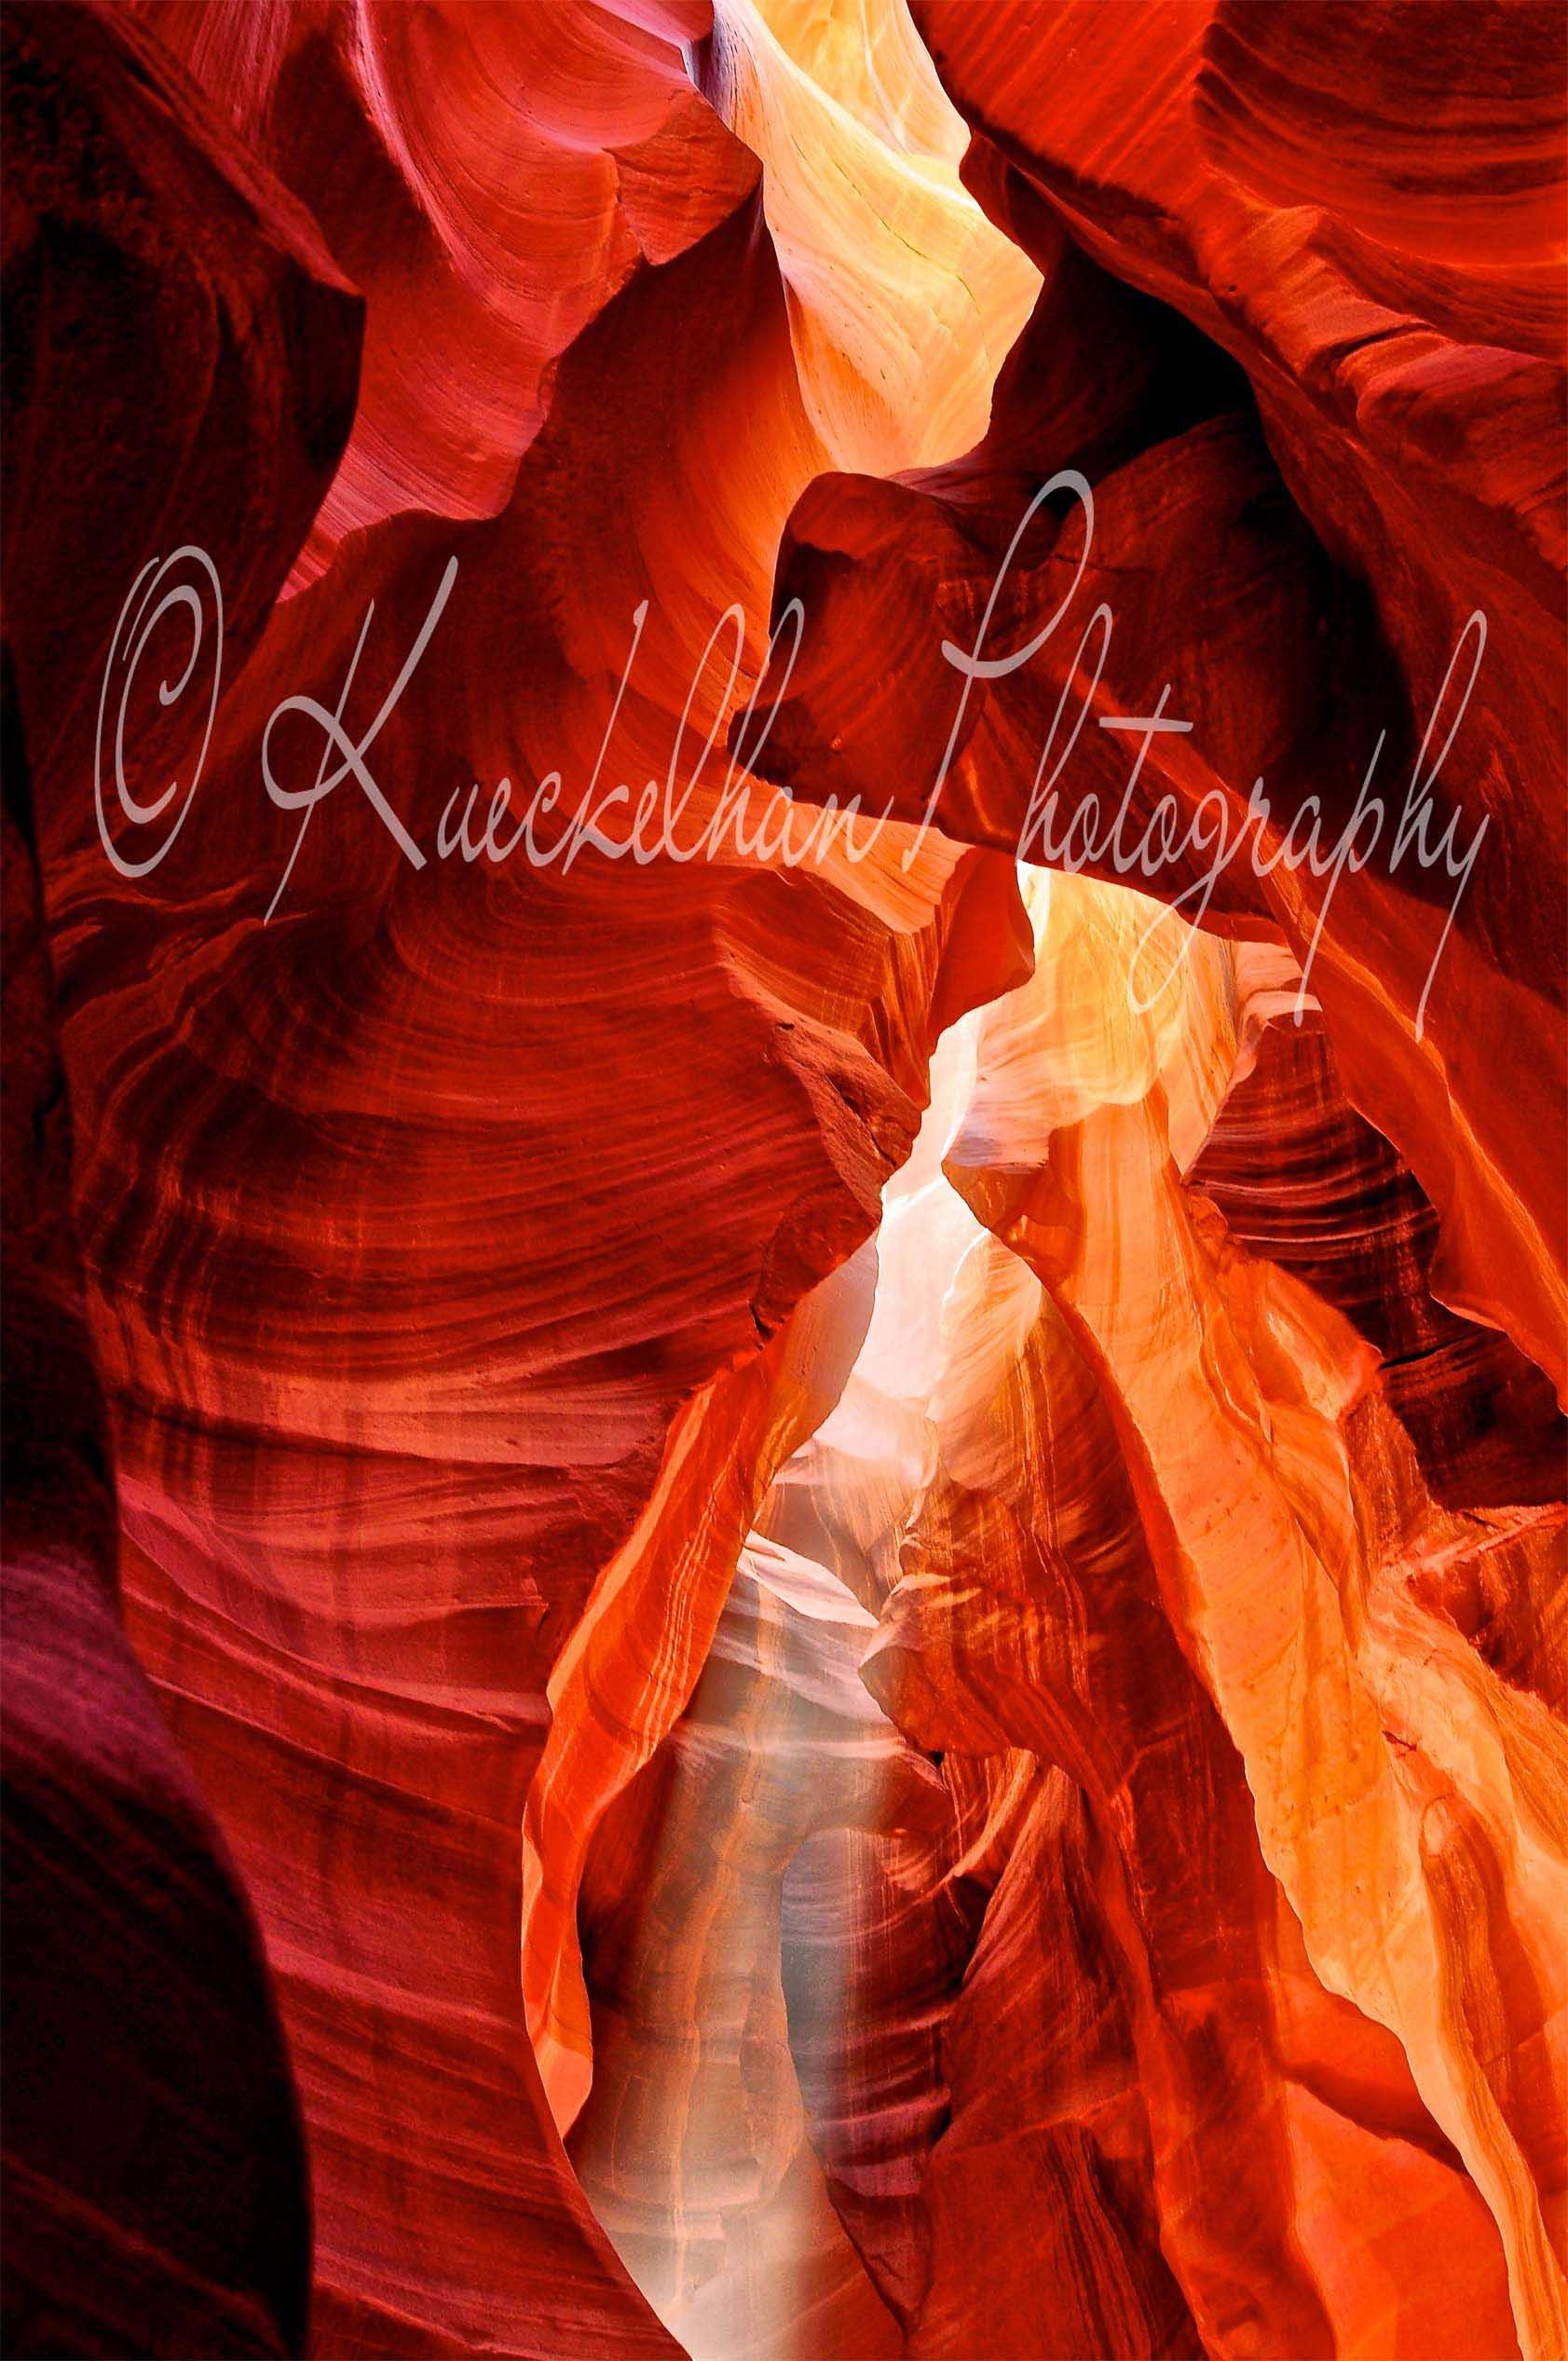 Canyon Blaze